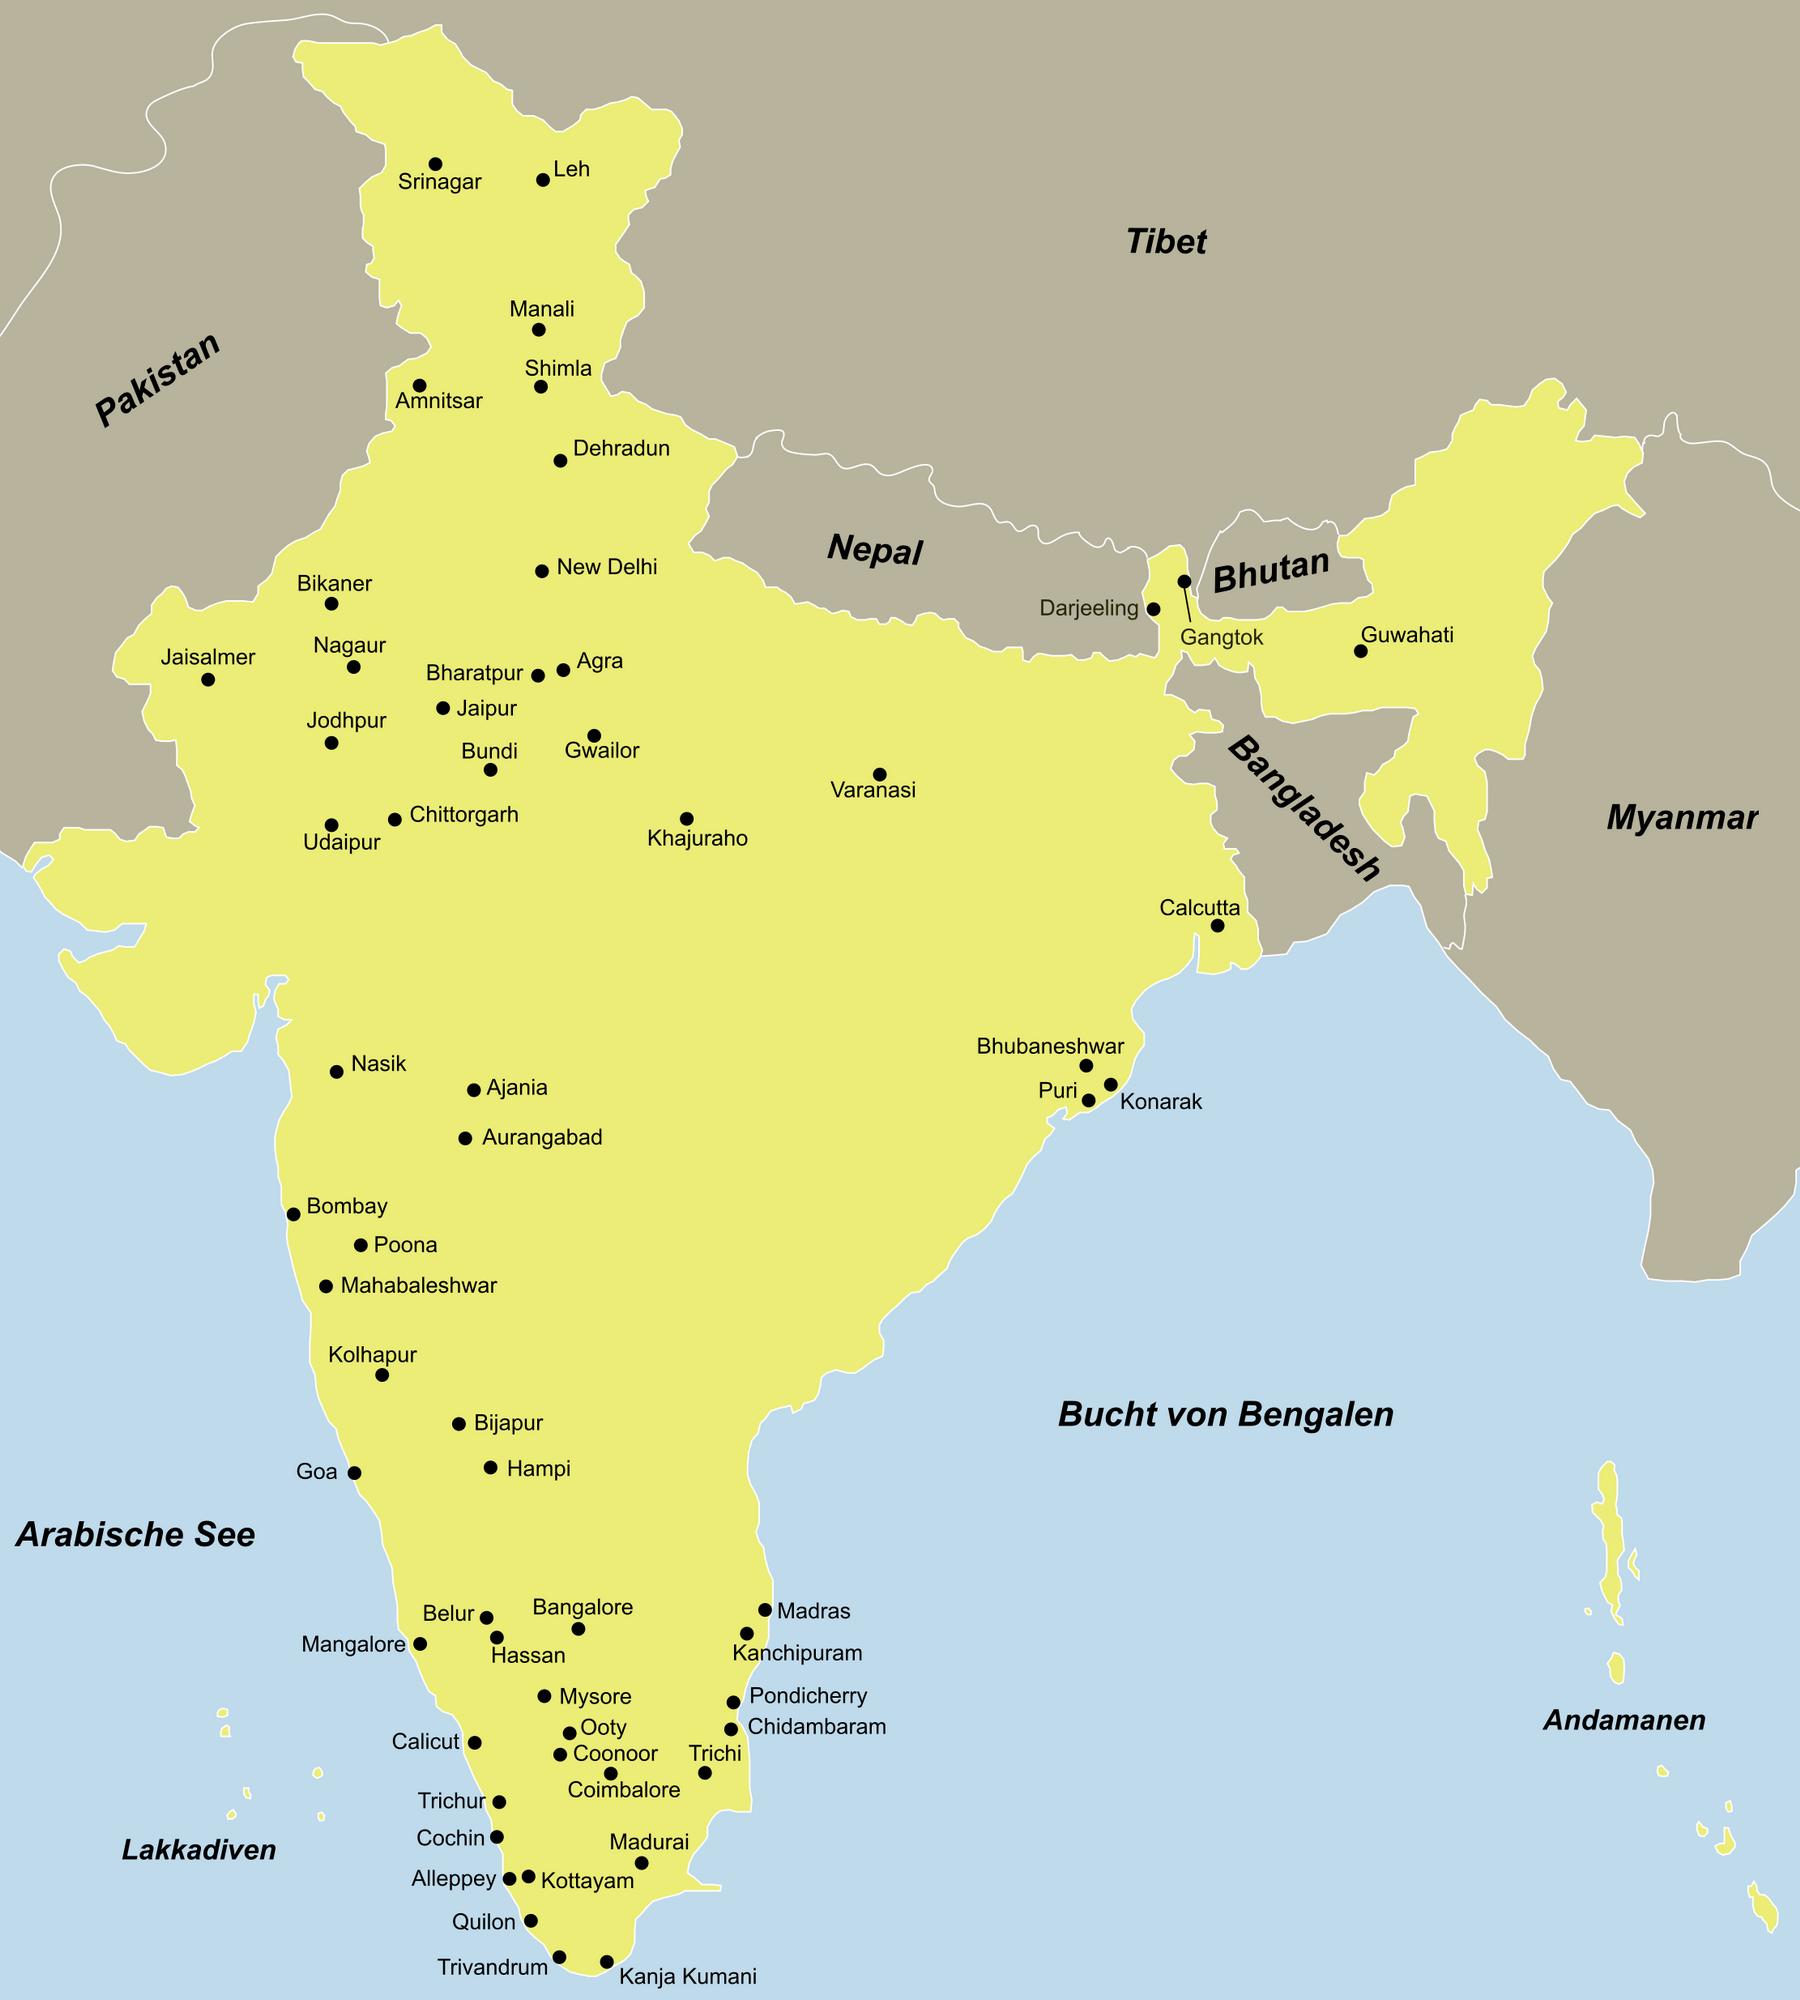 Indien Traumurlaub anspruchsvoll mit dem Reiseveranstalter reisefieber planen und reisen.